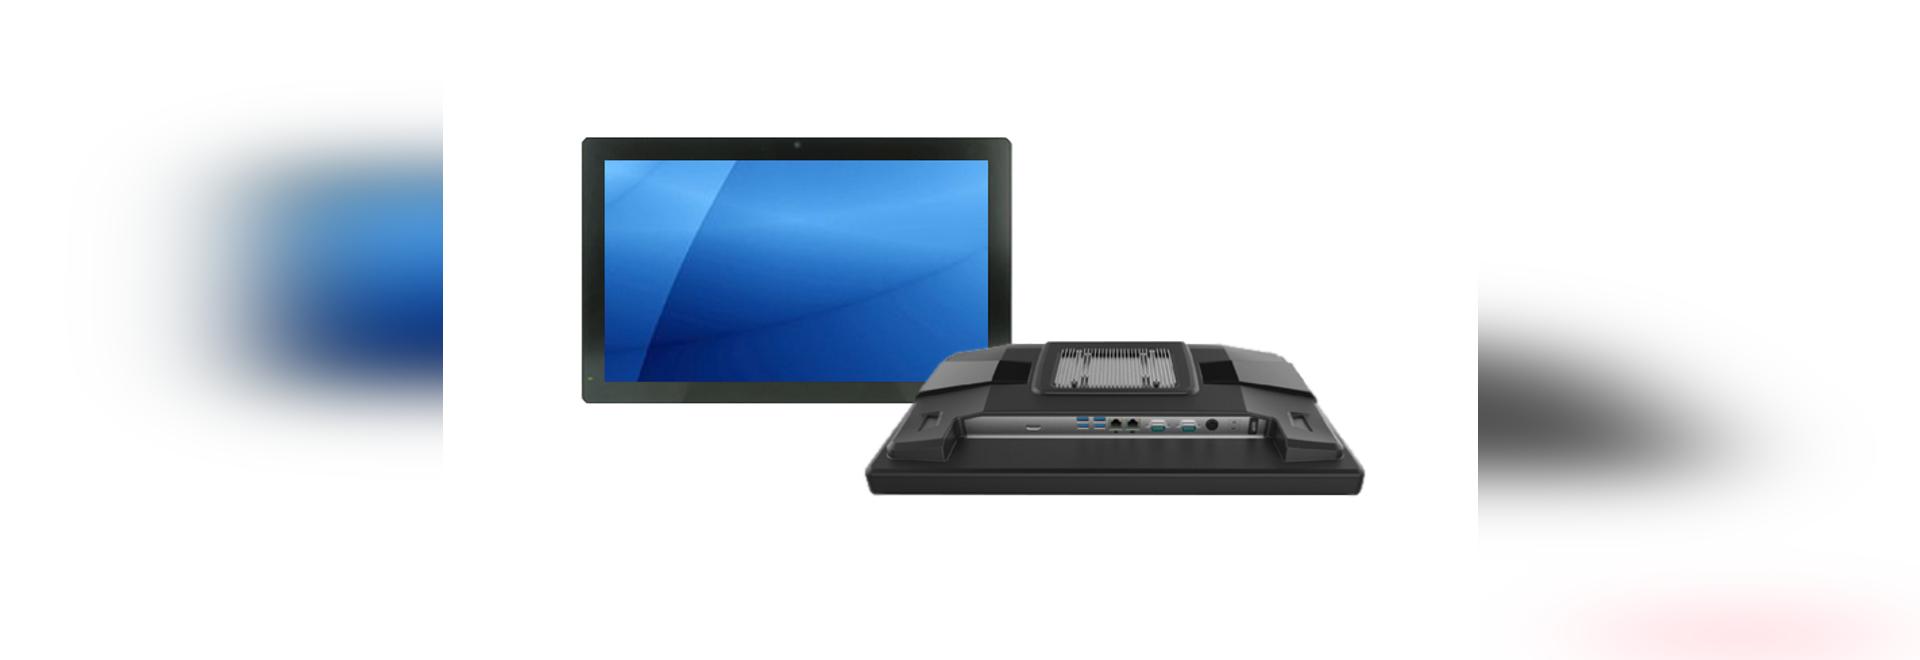 Neue lüfterlose Breittemperatur-Panel-PC-Serie mit Touchscreen-Technologie - FPC80XXX